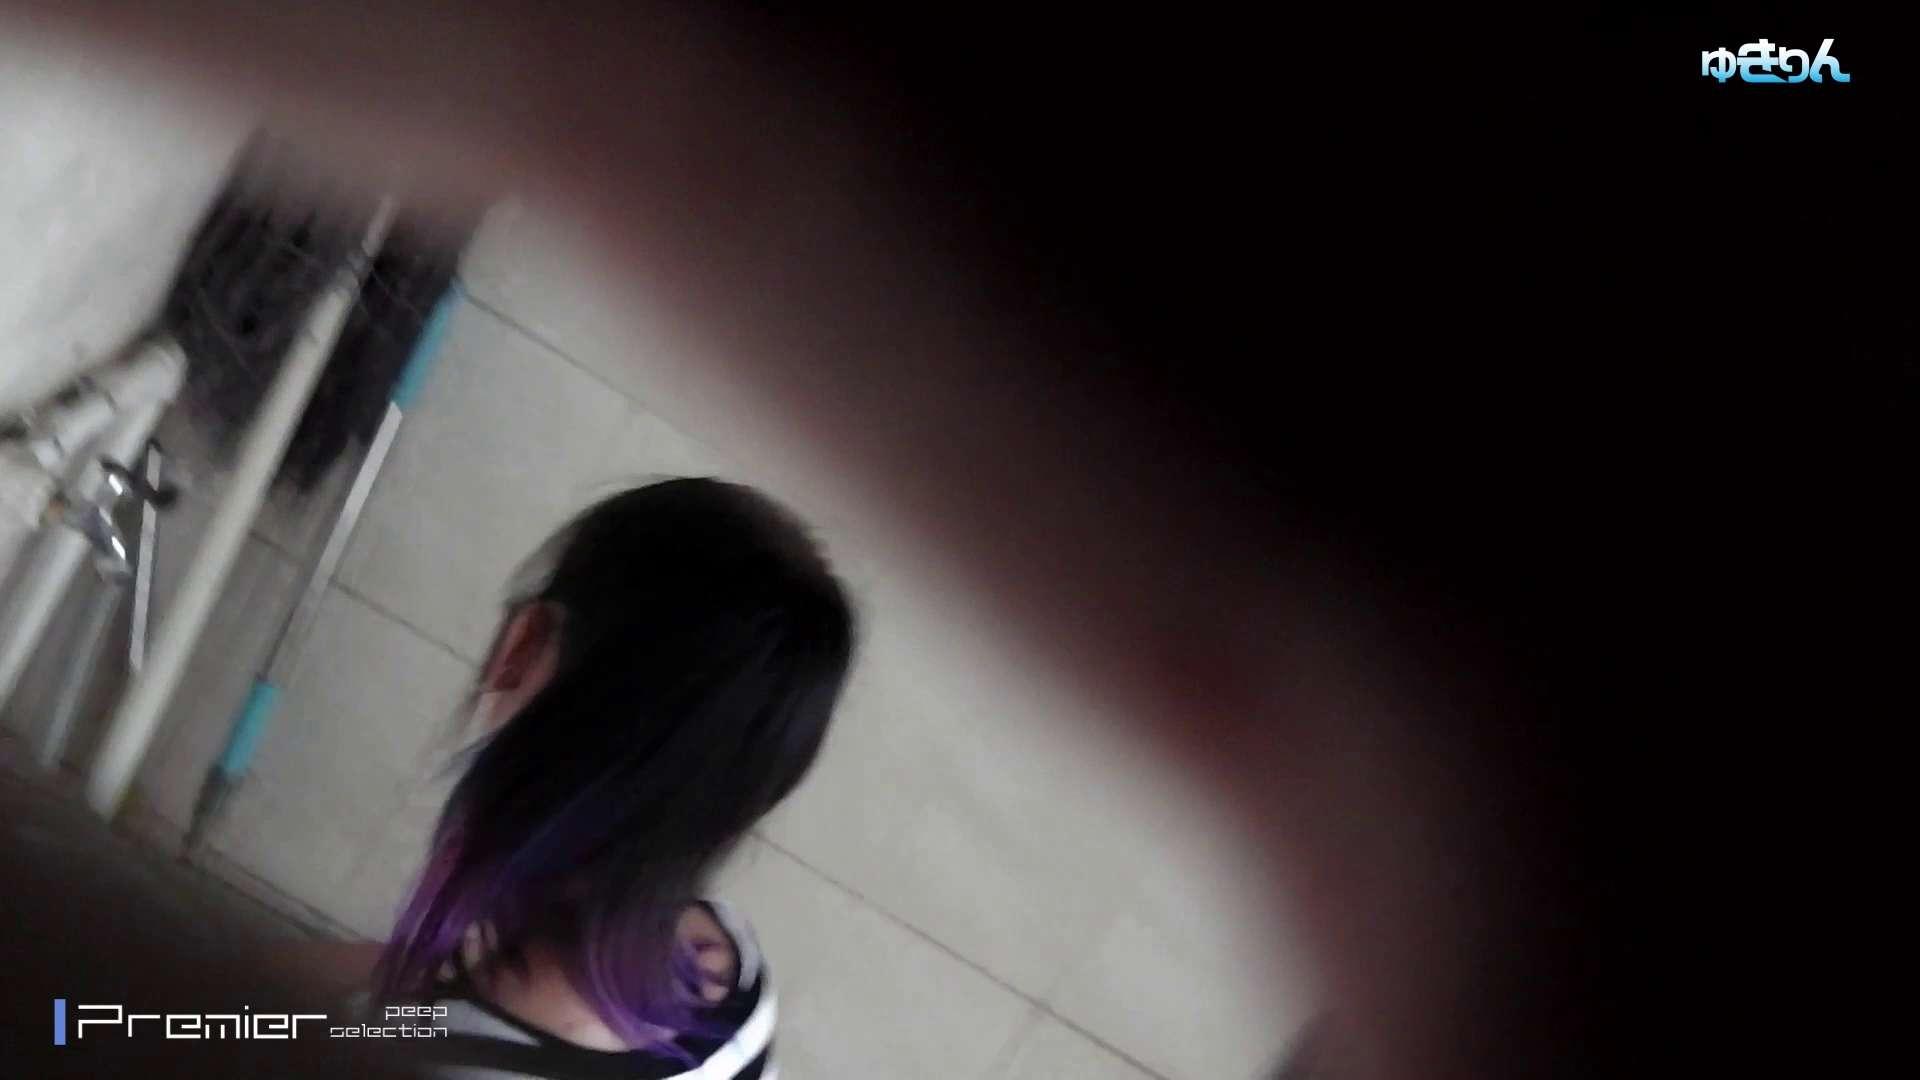 ステーション編 vol60 ユキリン粘着撮り!!今回はタイトなパンツが似合う美女 パンツ特集  82画像 24